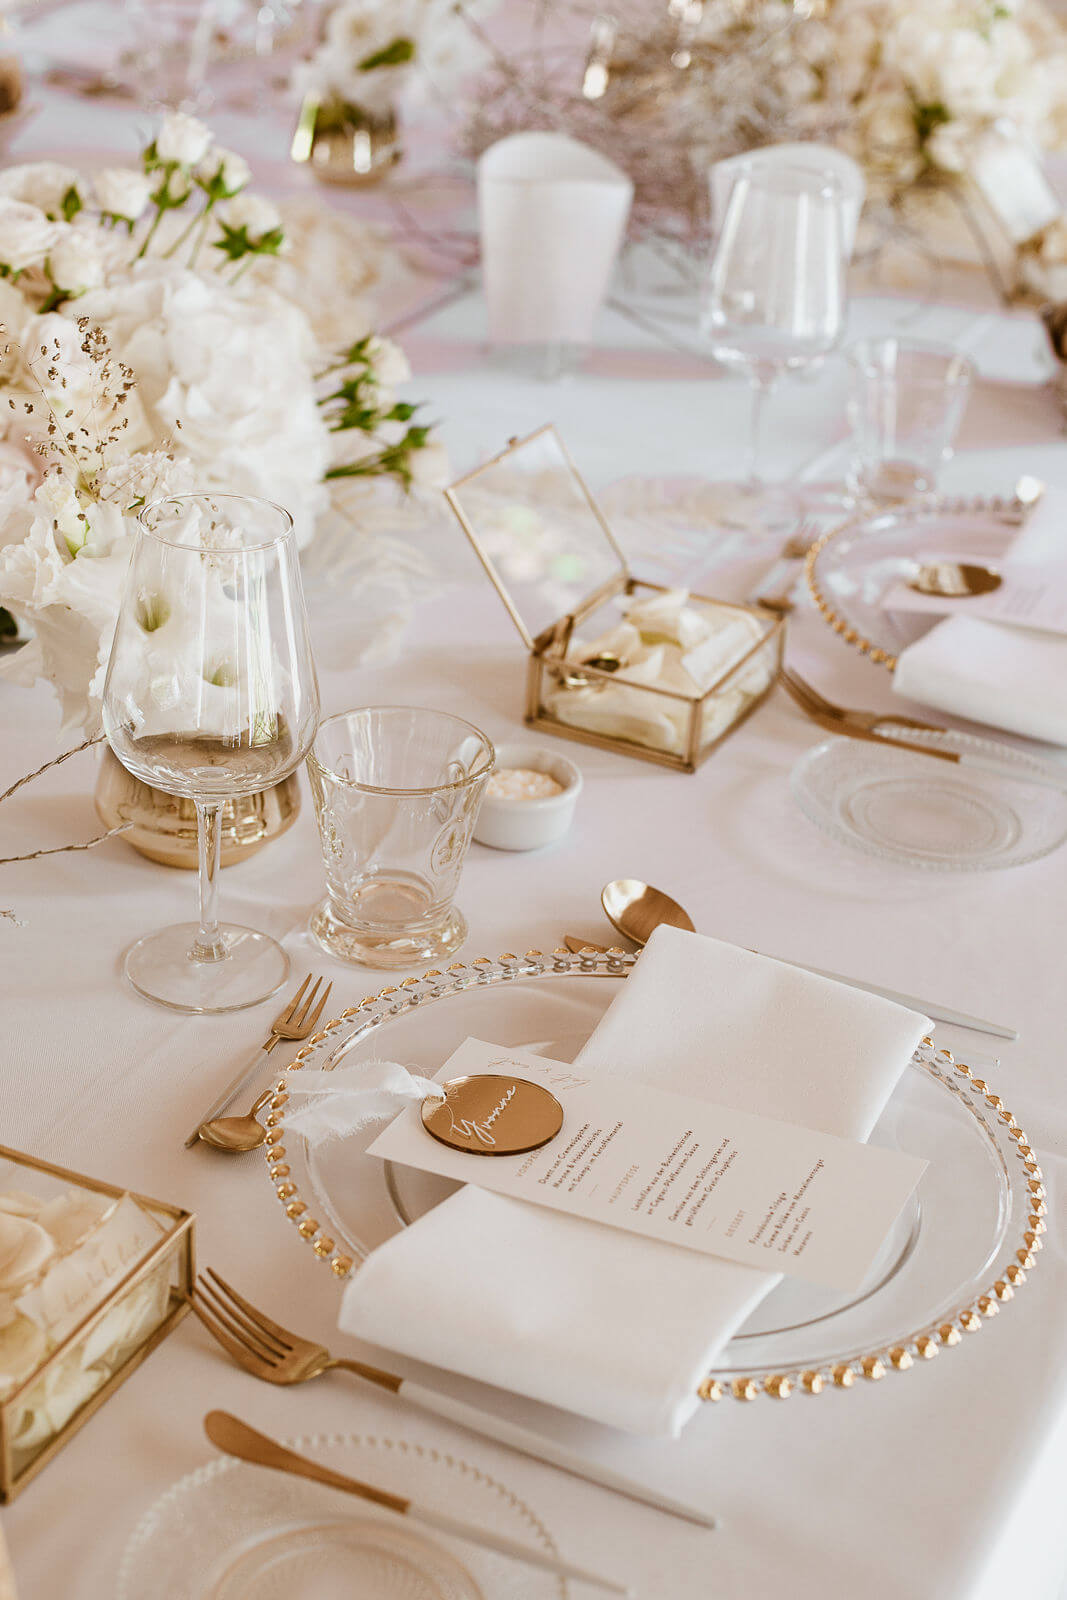 Table Setting in Weiß und Gold – gesehen bei frauimmer-herrewig.de